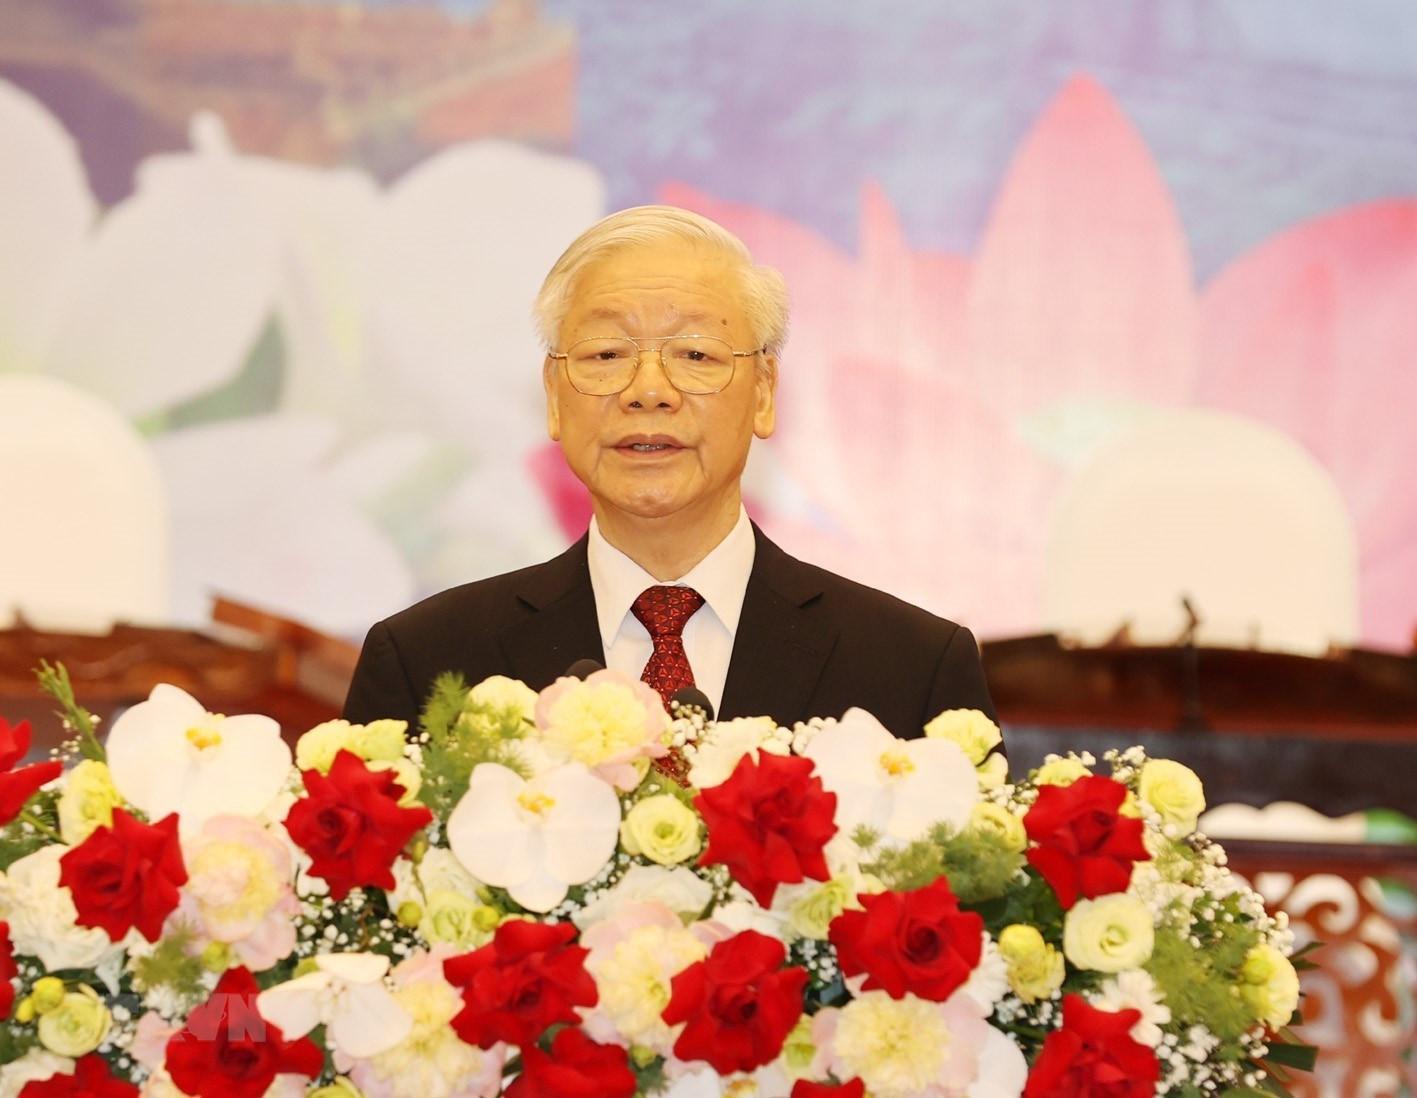 Hoc gia Canada danh gia cao bai viet cua Tong Bi thu Nguyen Phu Trong hinh anh 1